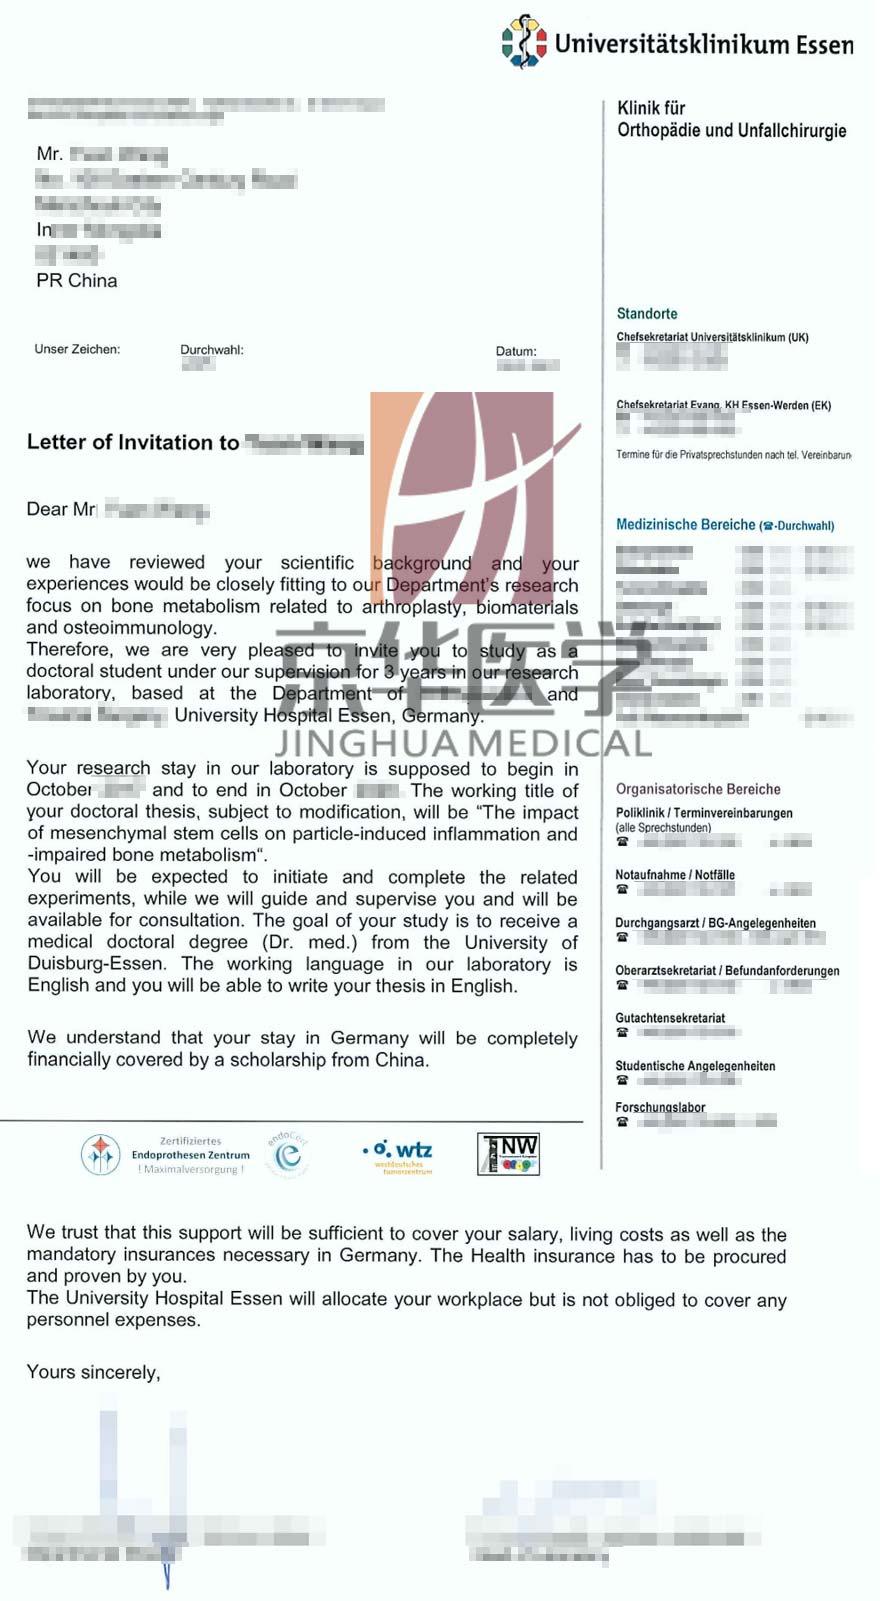 德国杜伊斯堡-伊森大学医学博士邀请函offer